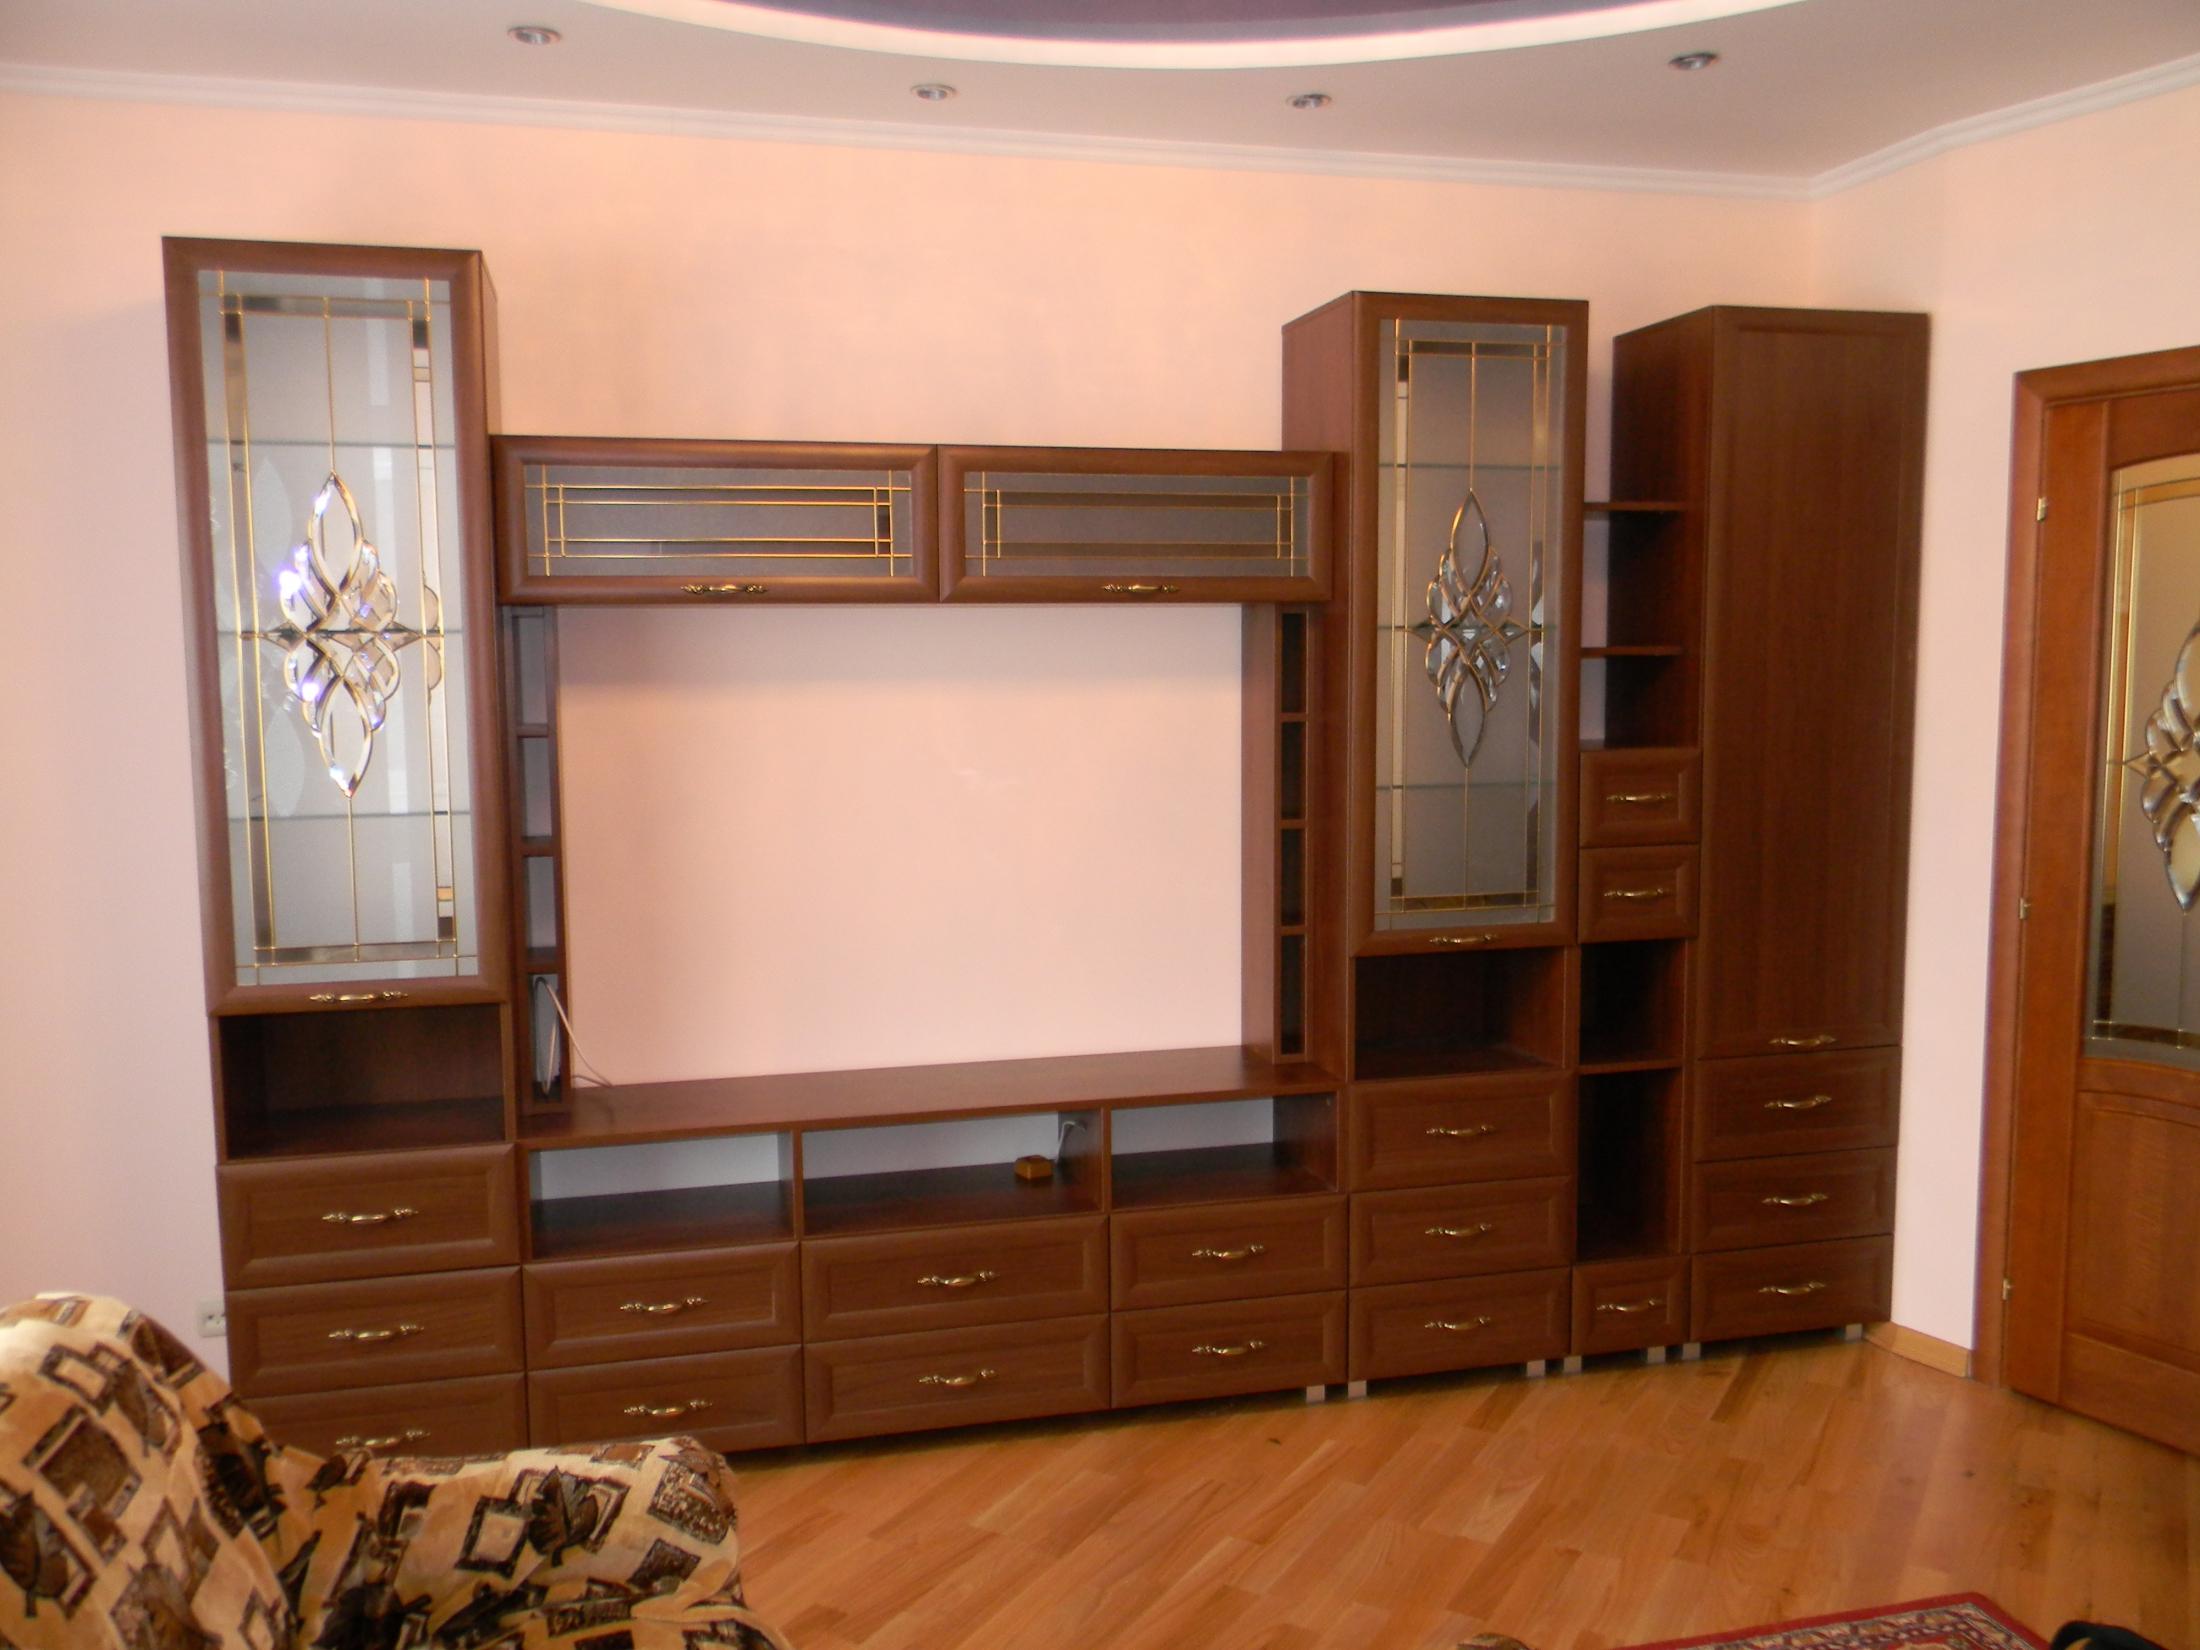 Изготовление мебельных стенок и горок на заказ, фото 5 минск.